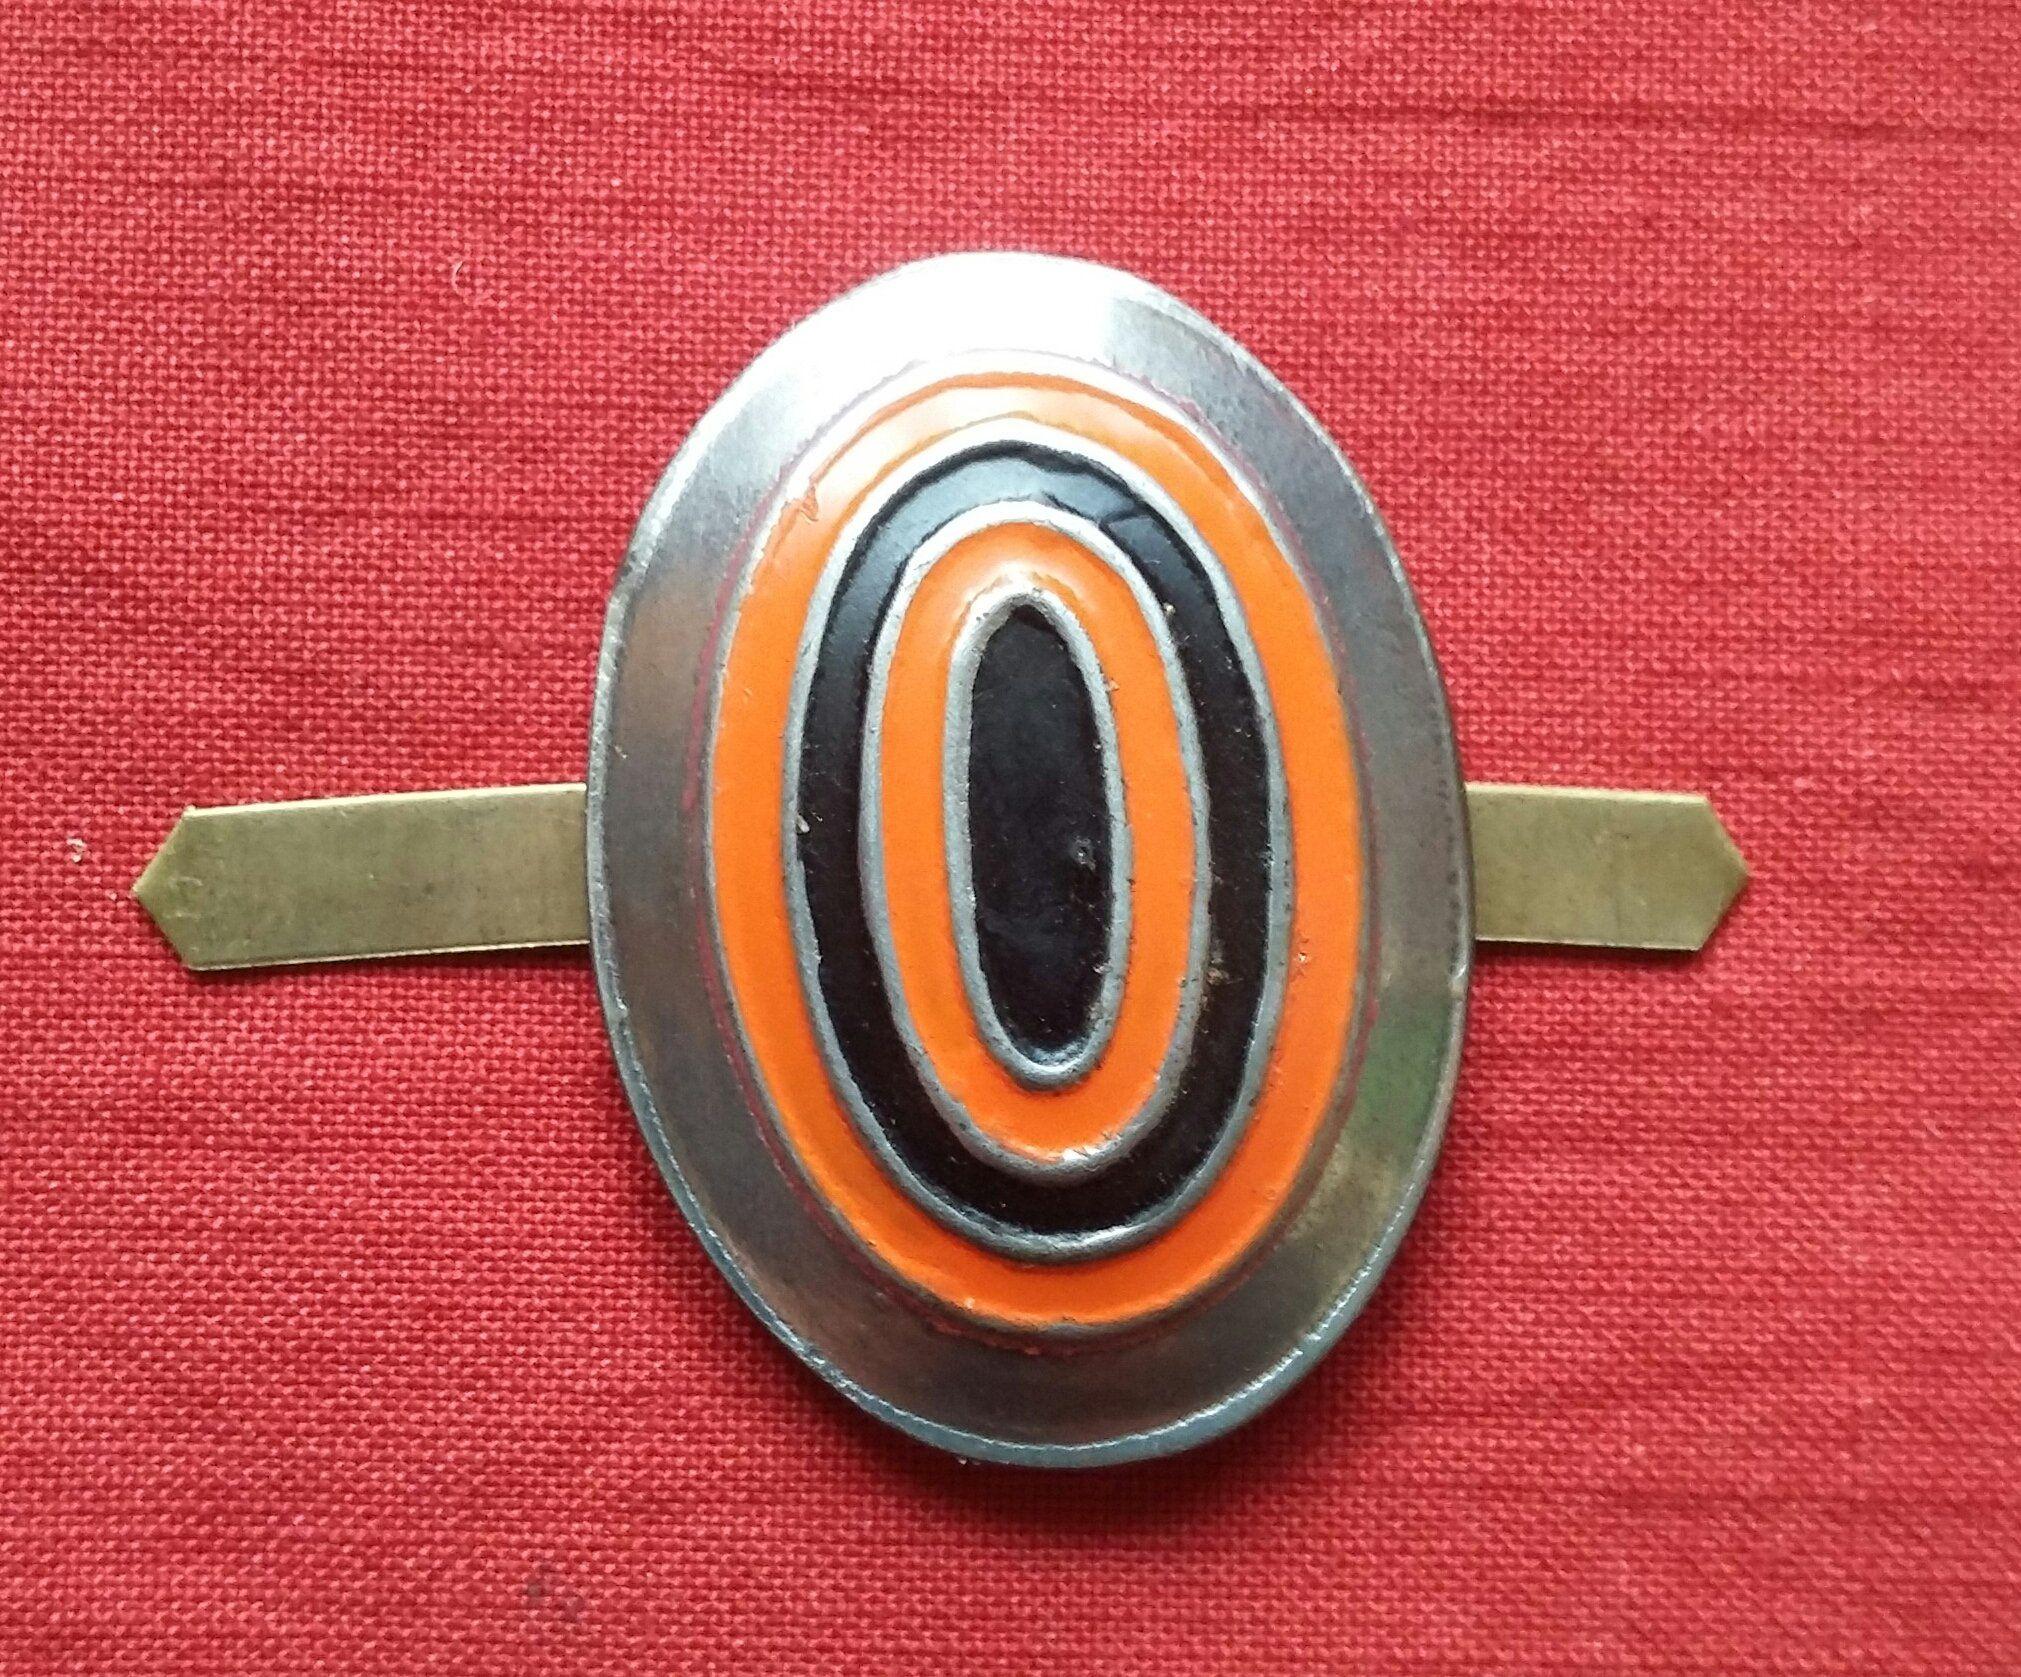 Ruská Carská Kokarda odznak na čepici čs legie (6653503232) - Aukro -  největší obchodní portál 73b944e9e7